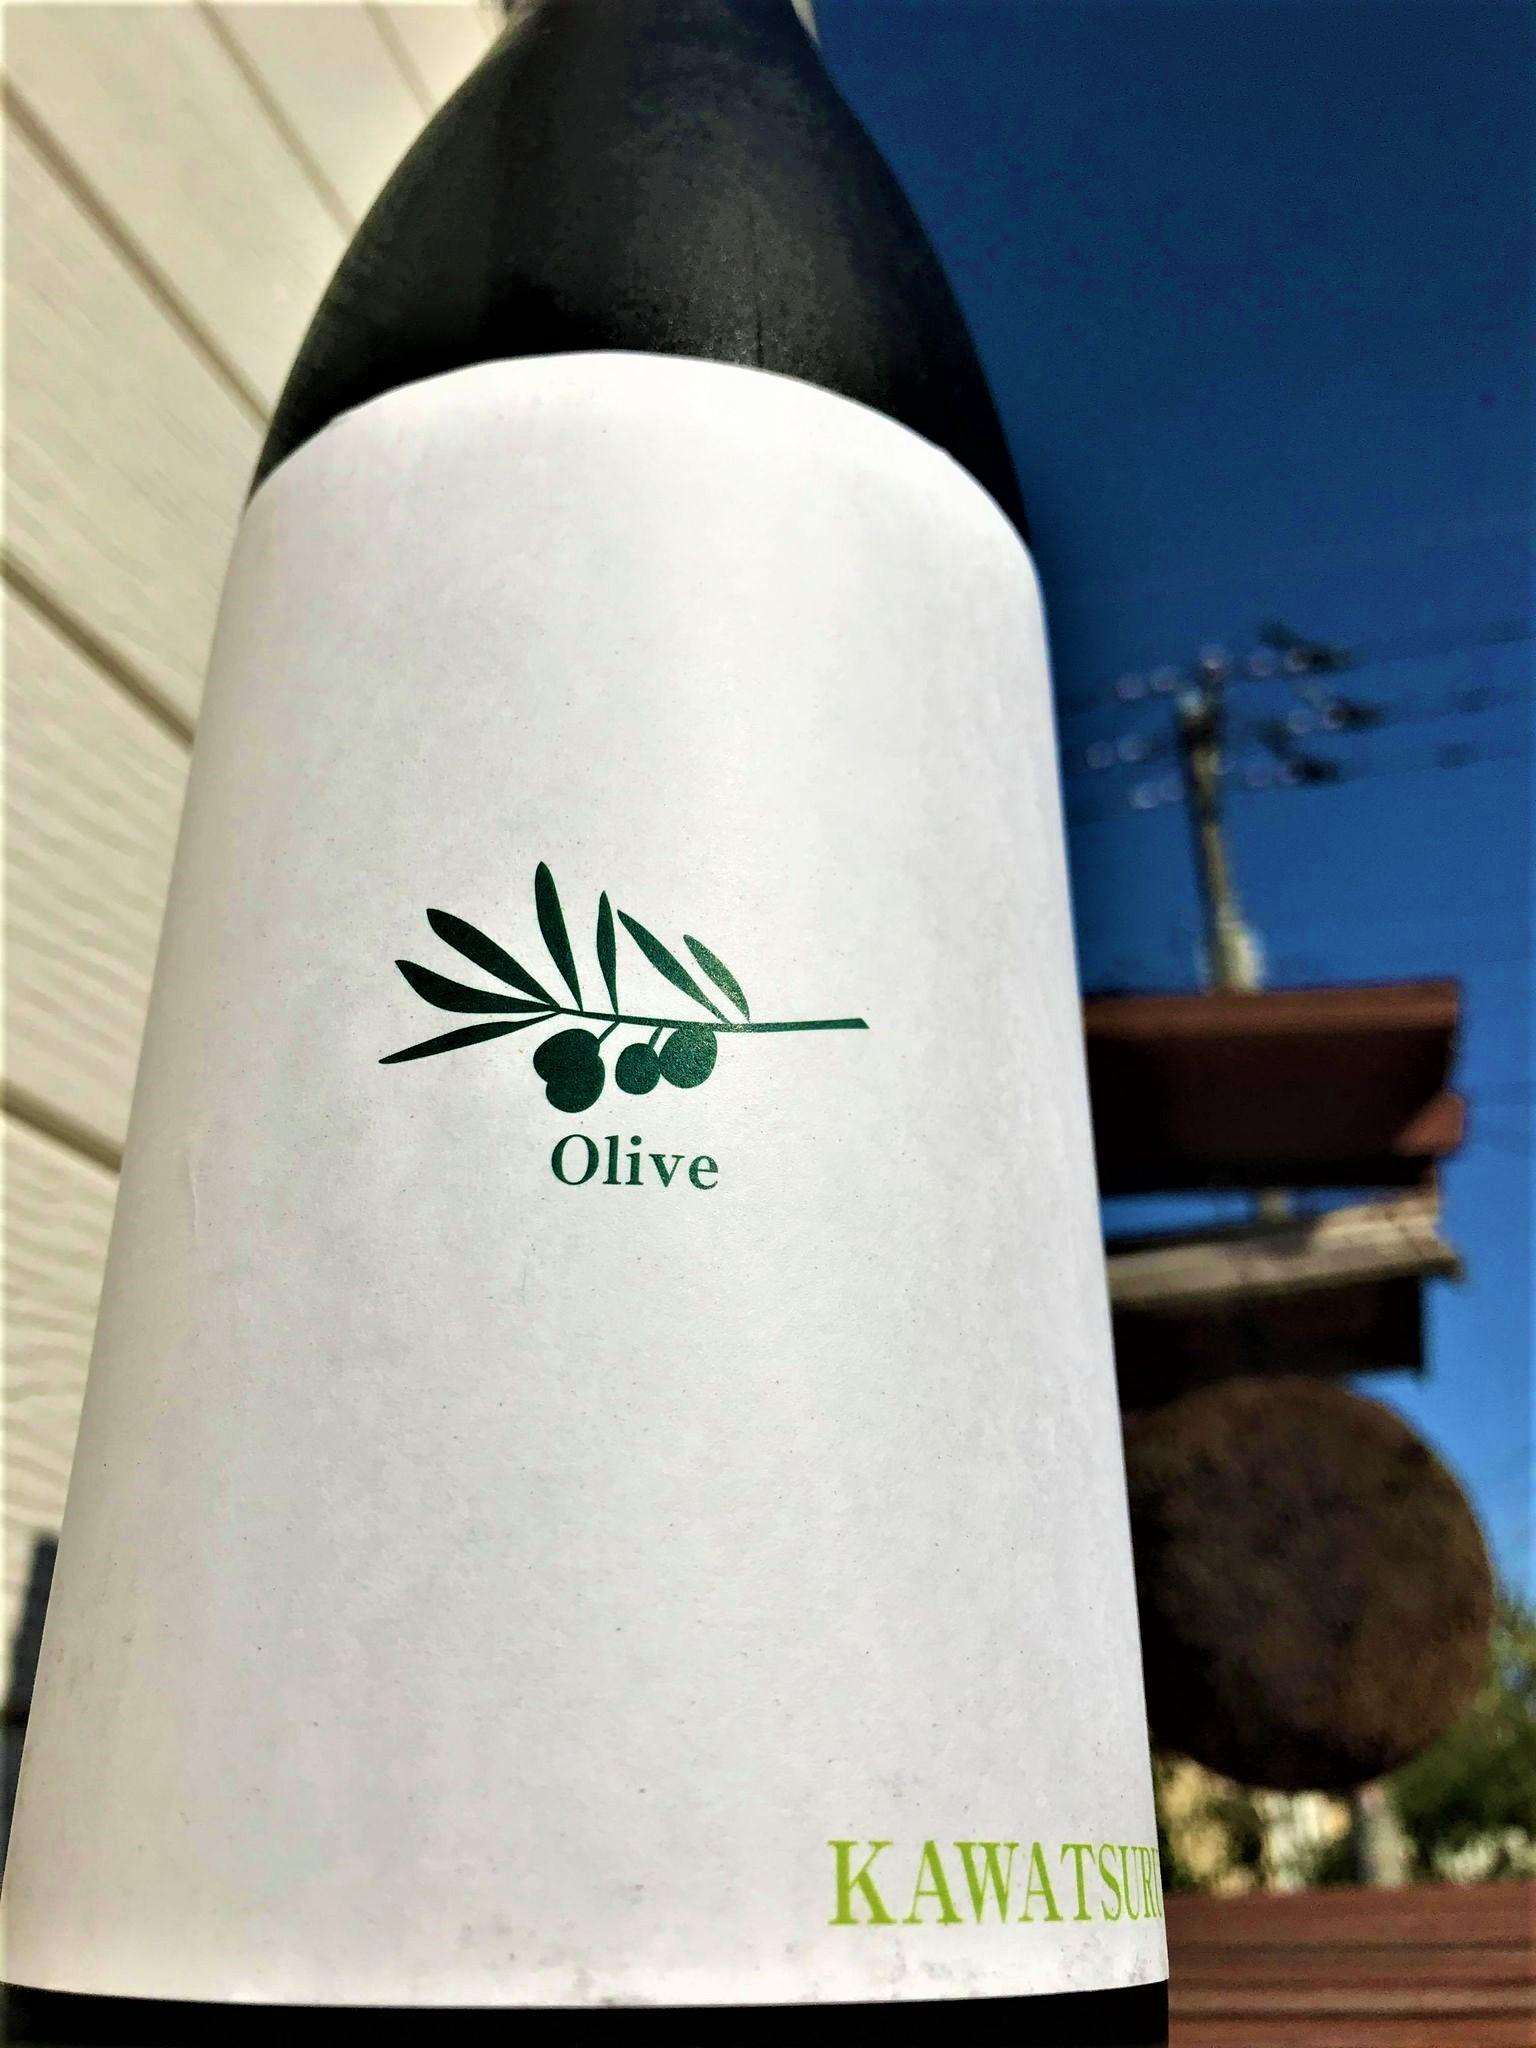 【日本酒】川鶴⭐特別編『Olive(オリーブ)』さぬきオリーブ酵母✨仕込み 純米吟醸 オオセト55磨き 特別限定蔵出し 令和1BY🆕_e0173738_10413058.jpg